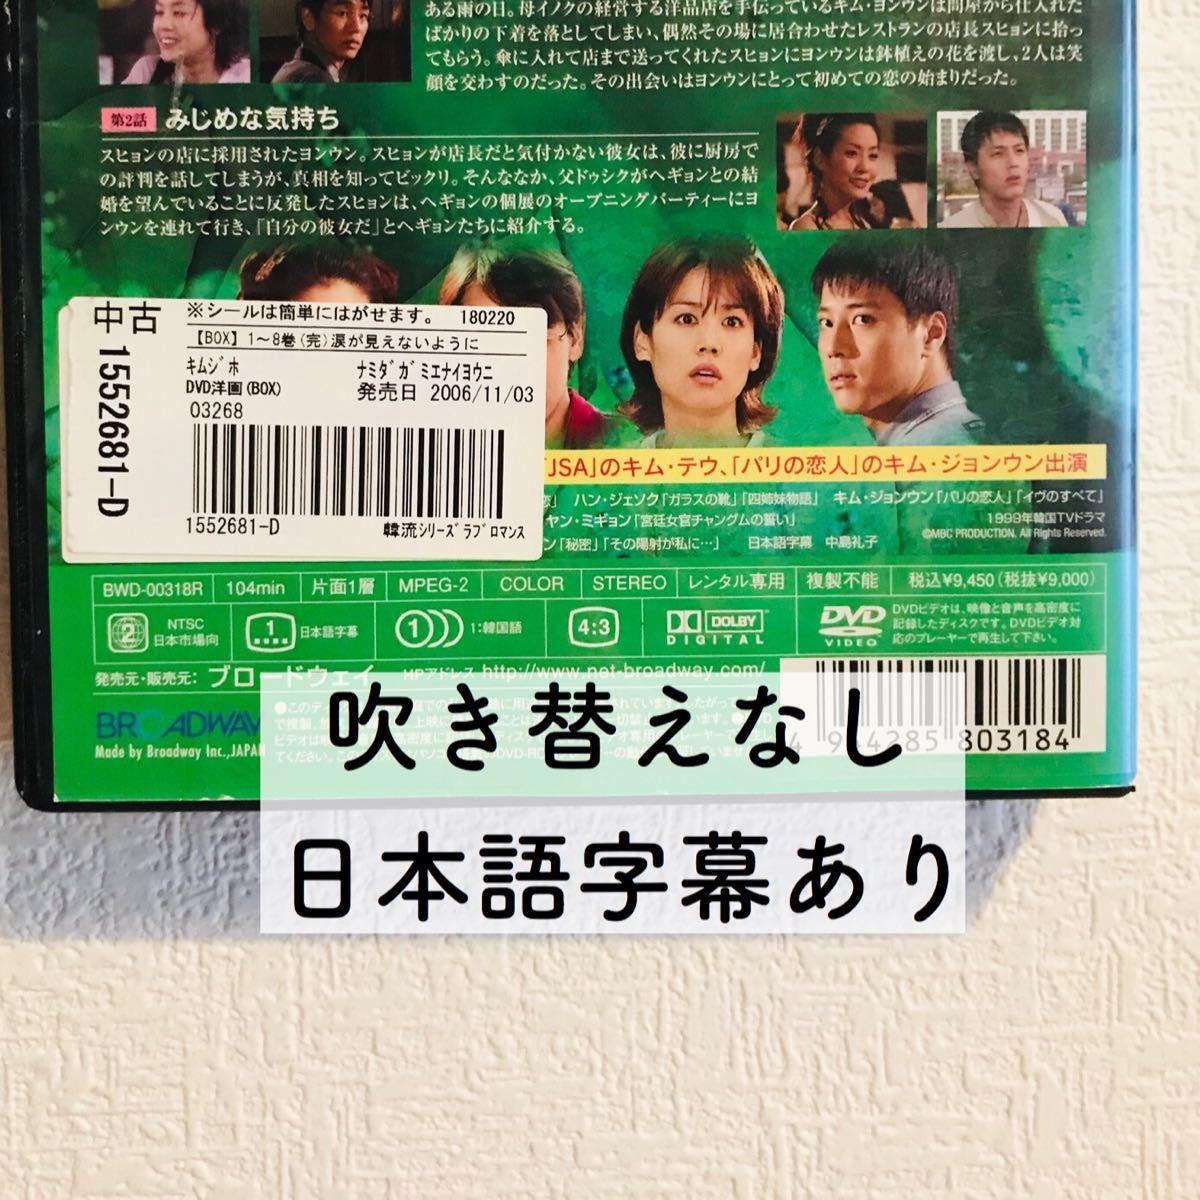 『涙が見えないように』全8巻(完結)レンタル落ち DVD 韓国ドラマ